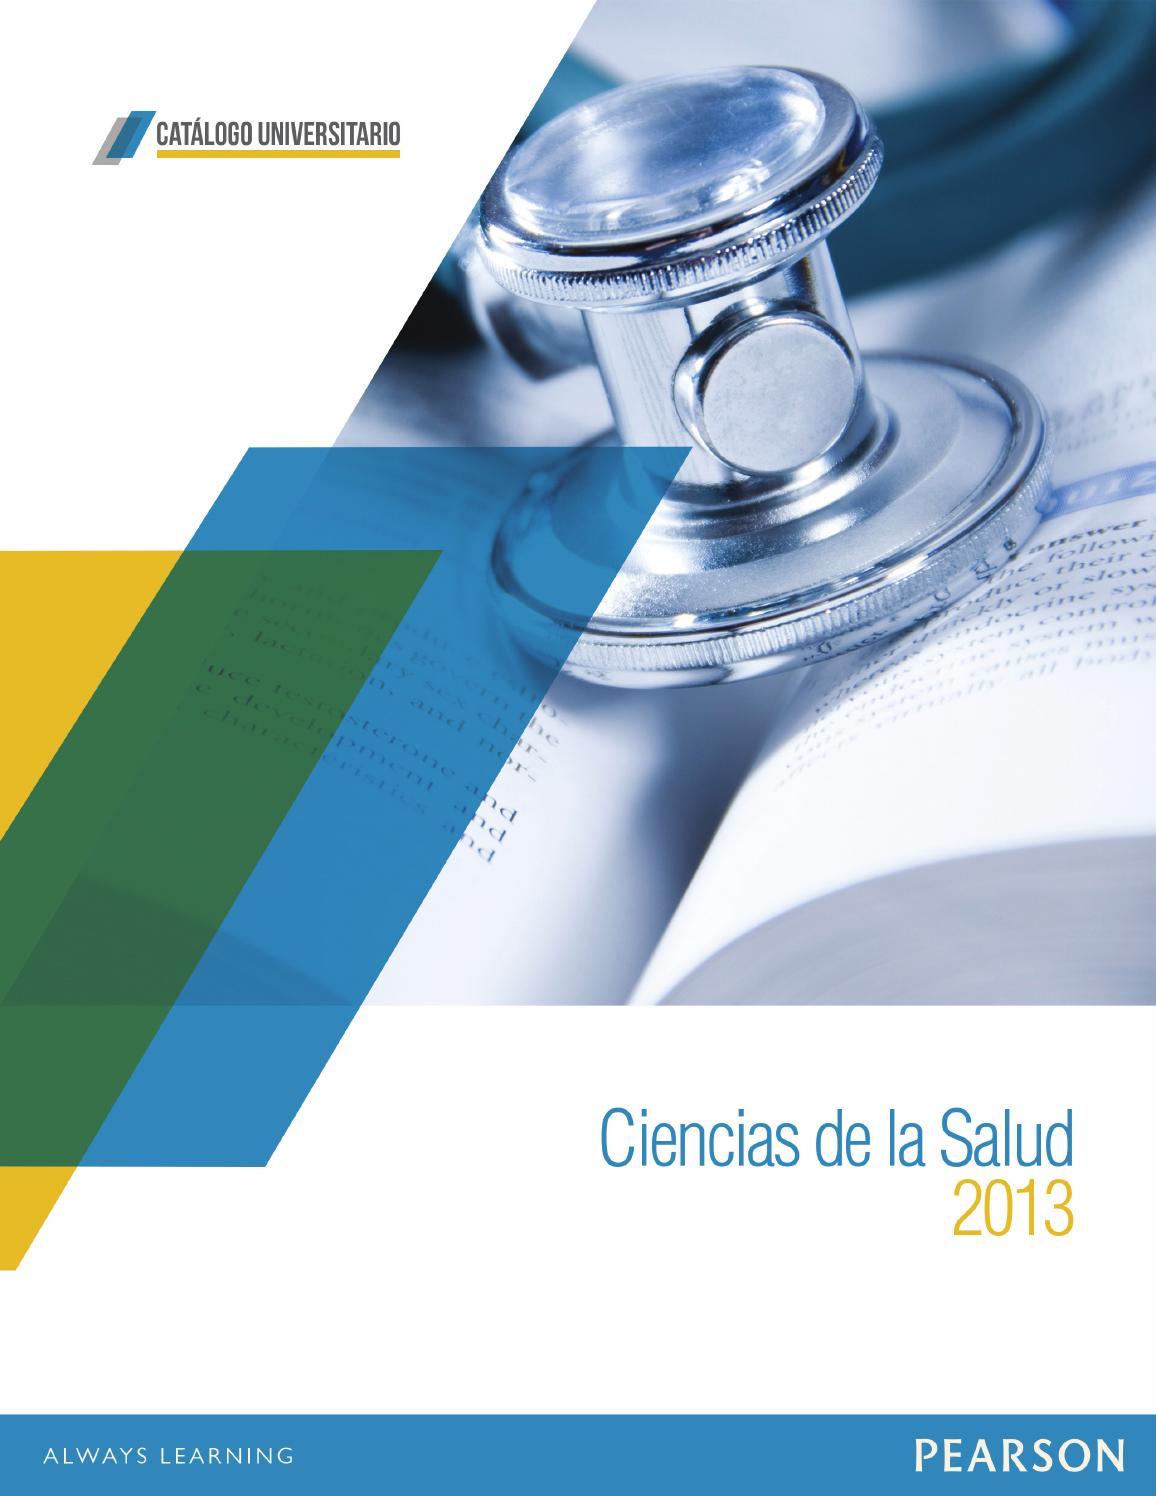 Catálogo ciencias de la salud by Pearson | México - issuu